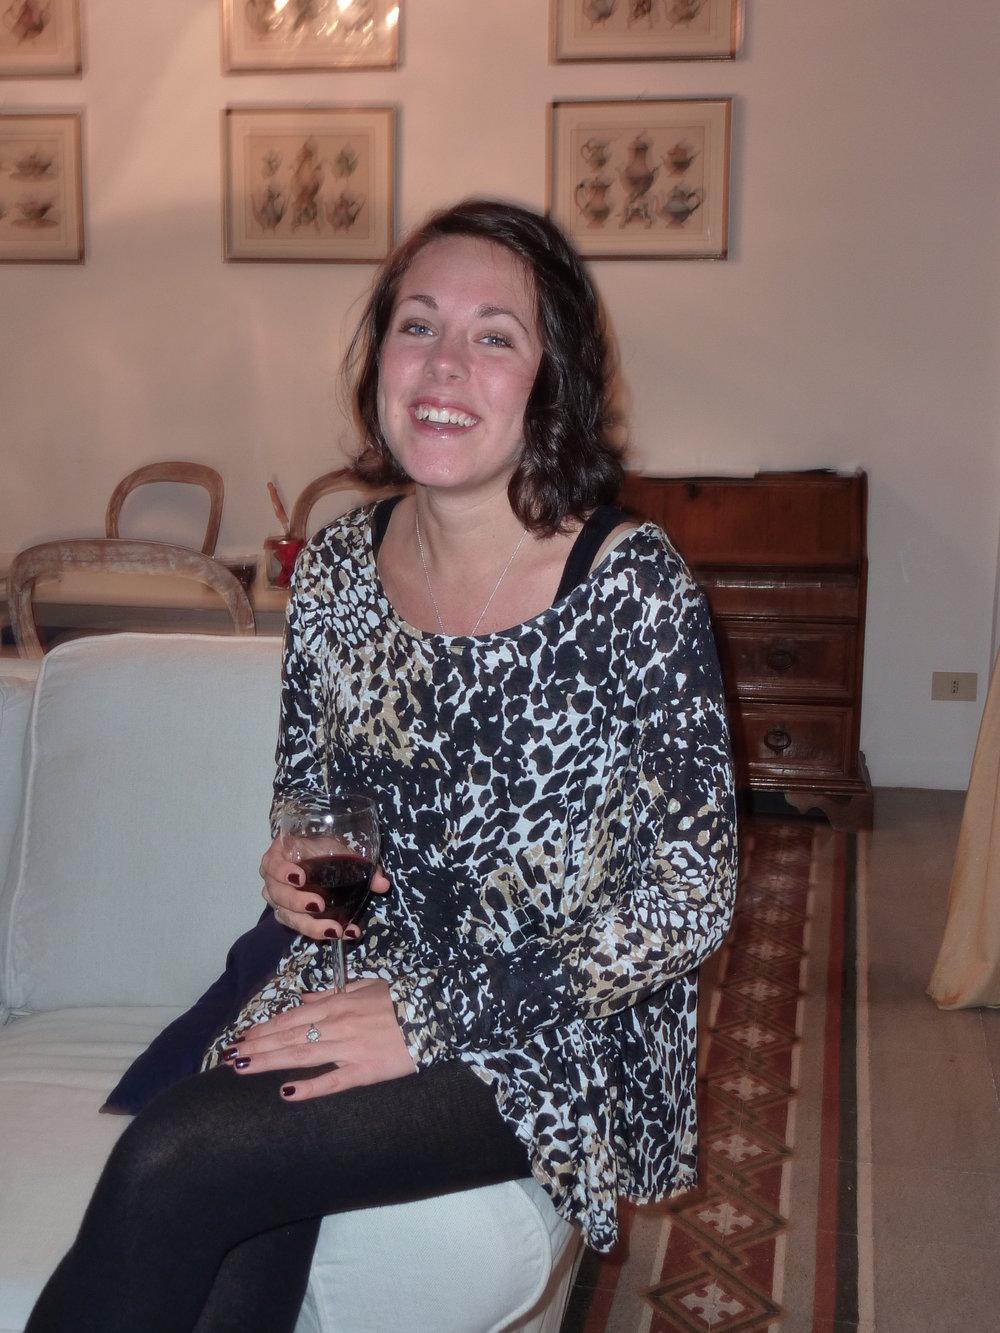 """Firar 20-årsdagen i Rom med matcha nagellacket med de """"vuxna"""" vinerna jag så gärna ville lära mig tycka om"""